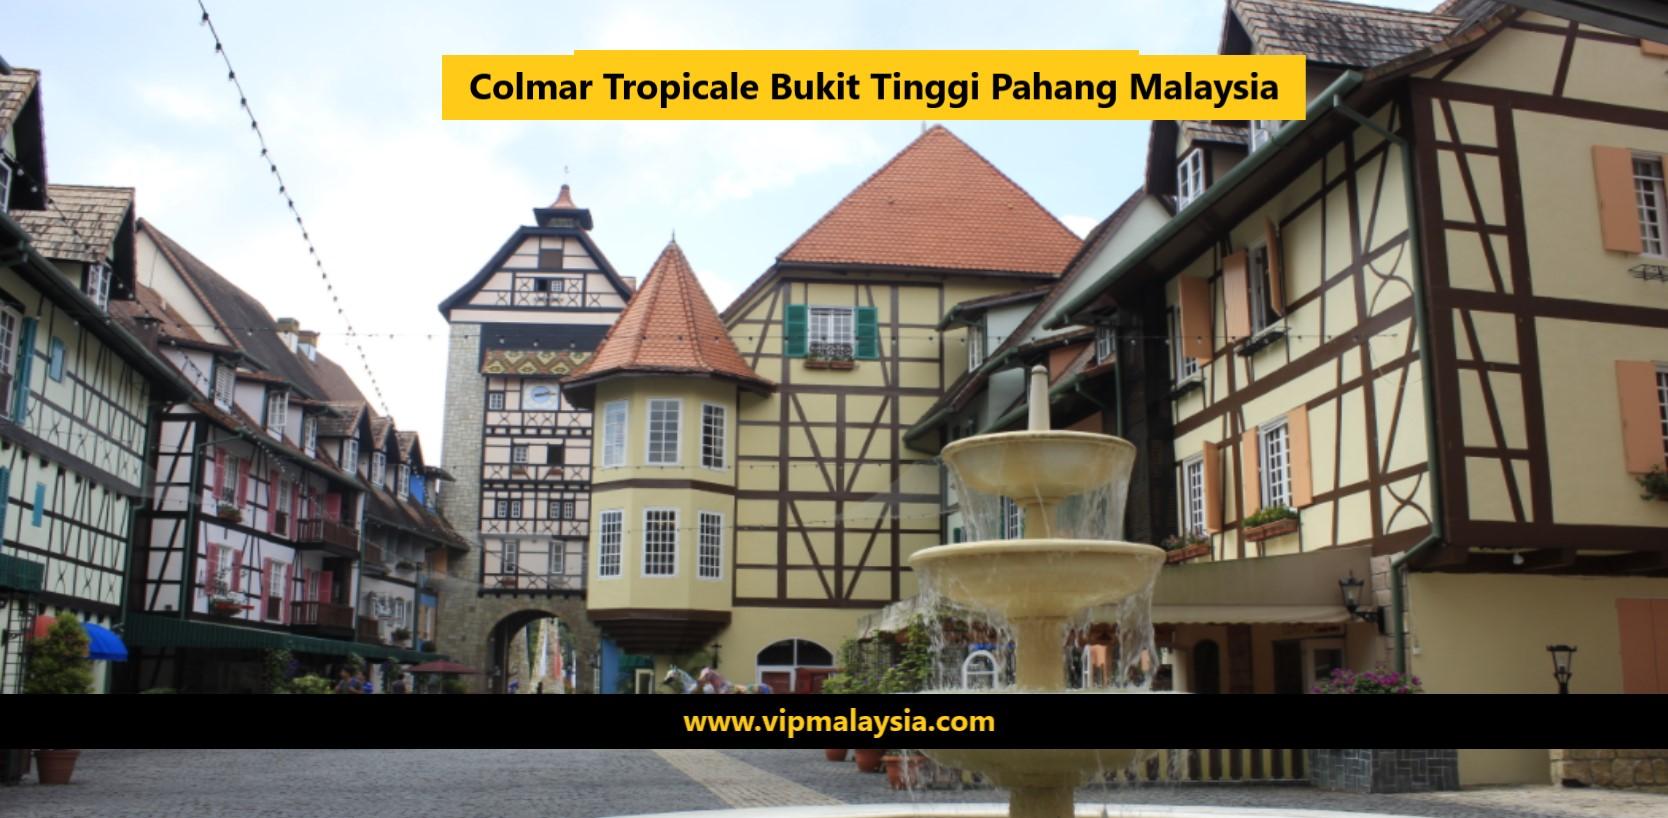 Colmar Tropicale Bukit TInggi Pahang Malaysia